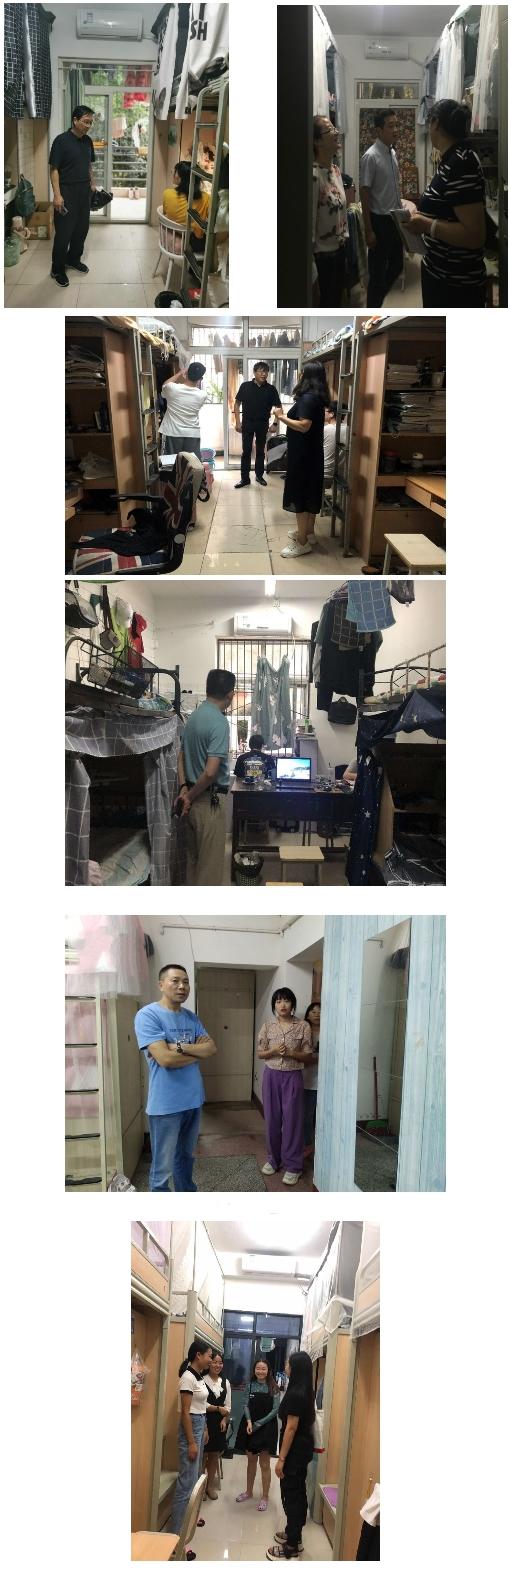 西华大学开展学生宿舍清洁卫生安全大检查